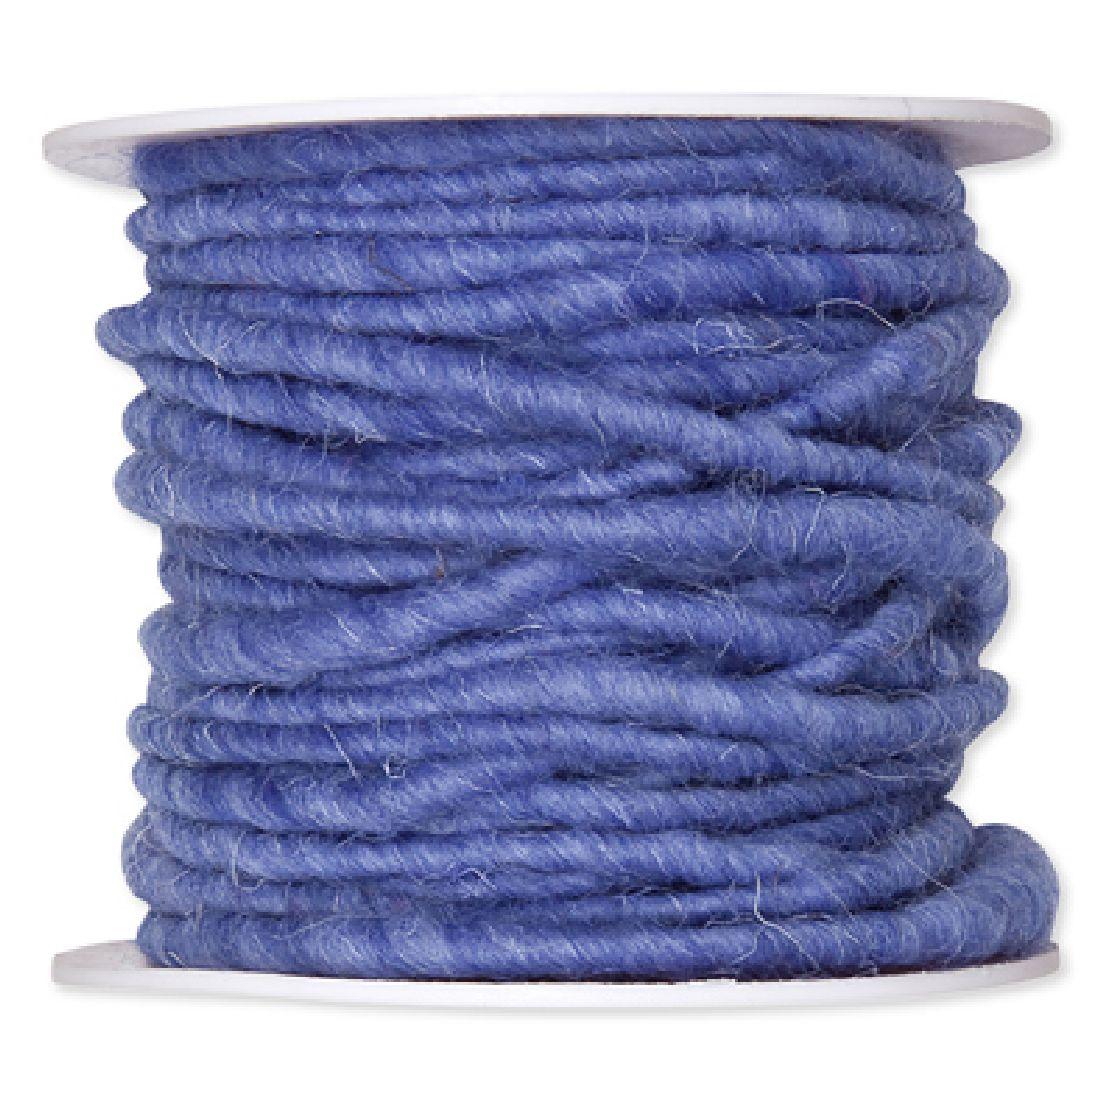 Wollschnur mit Jute azurblau 103 5mm 10m 61710